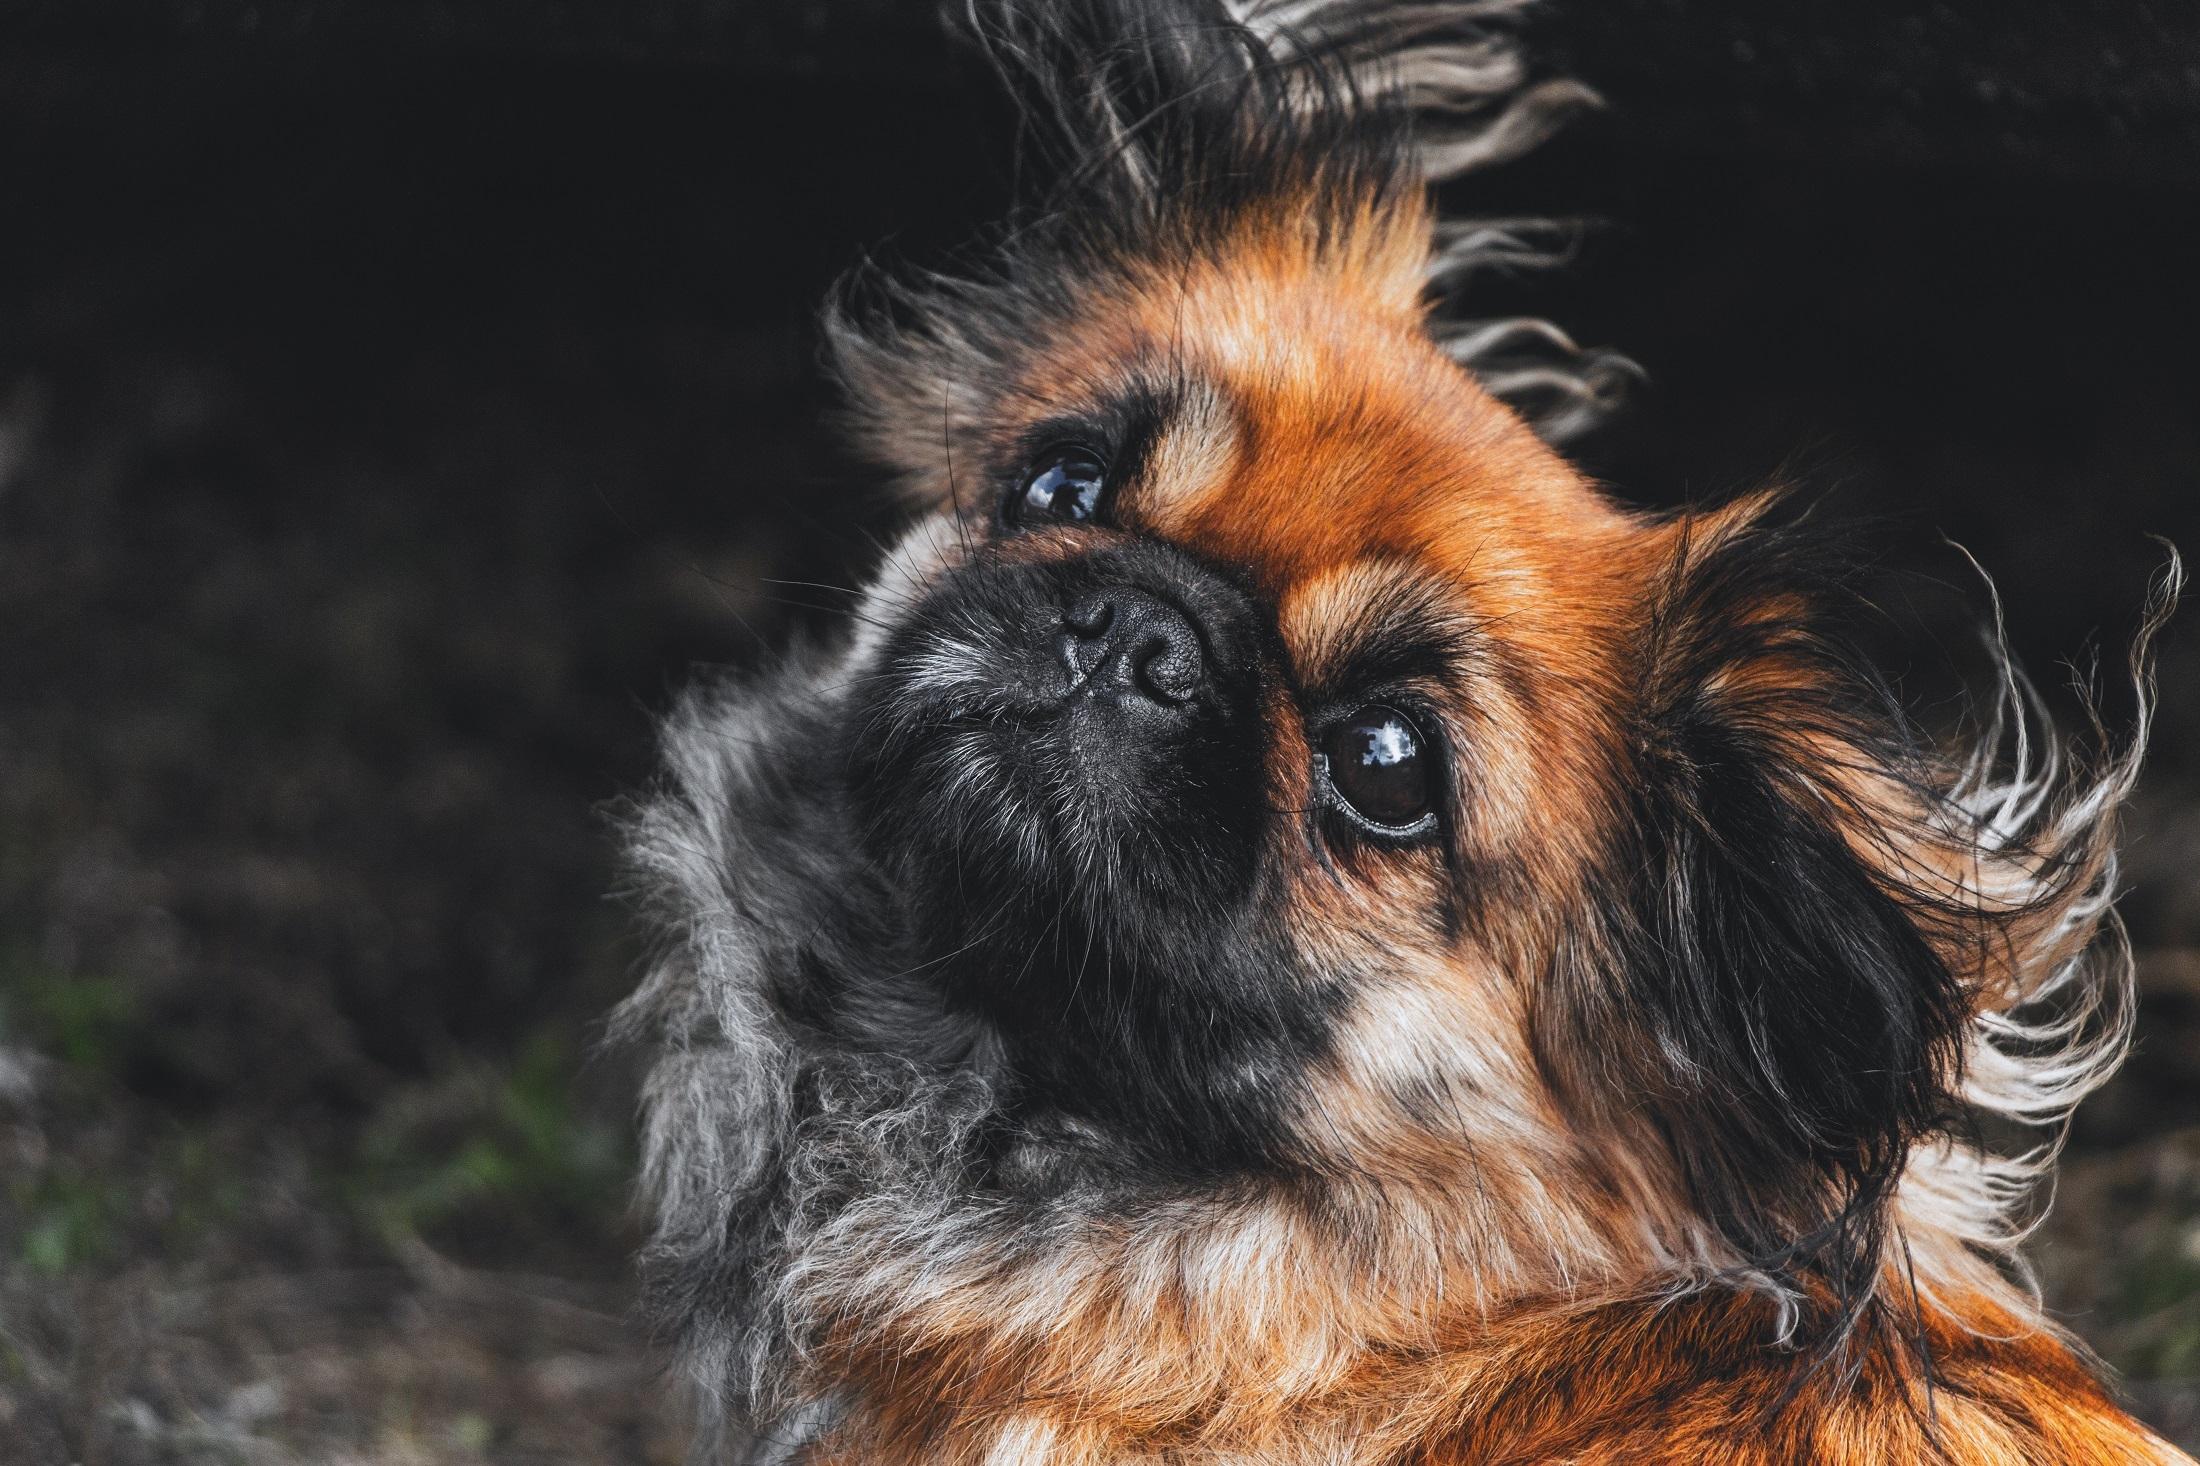 Black n brown pup photo